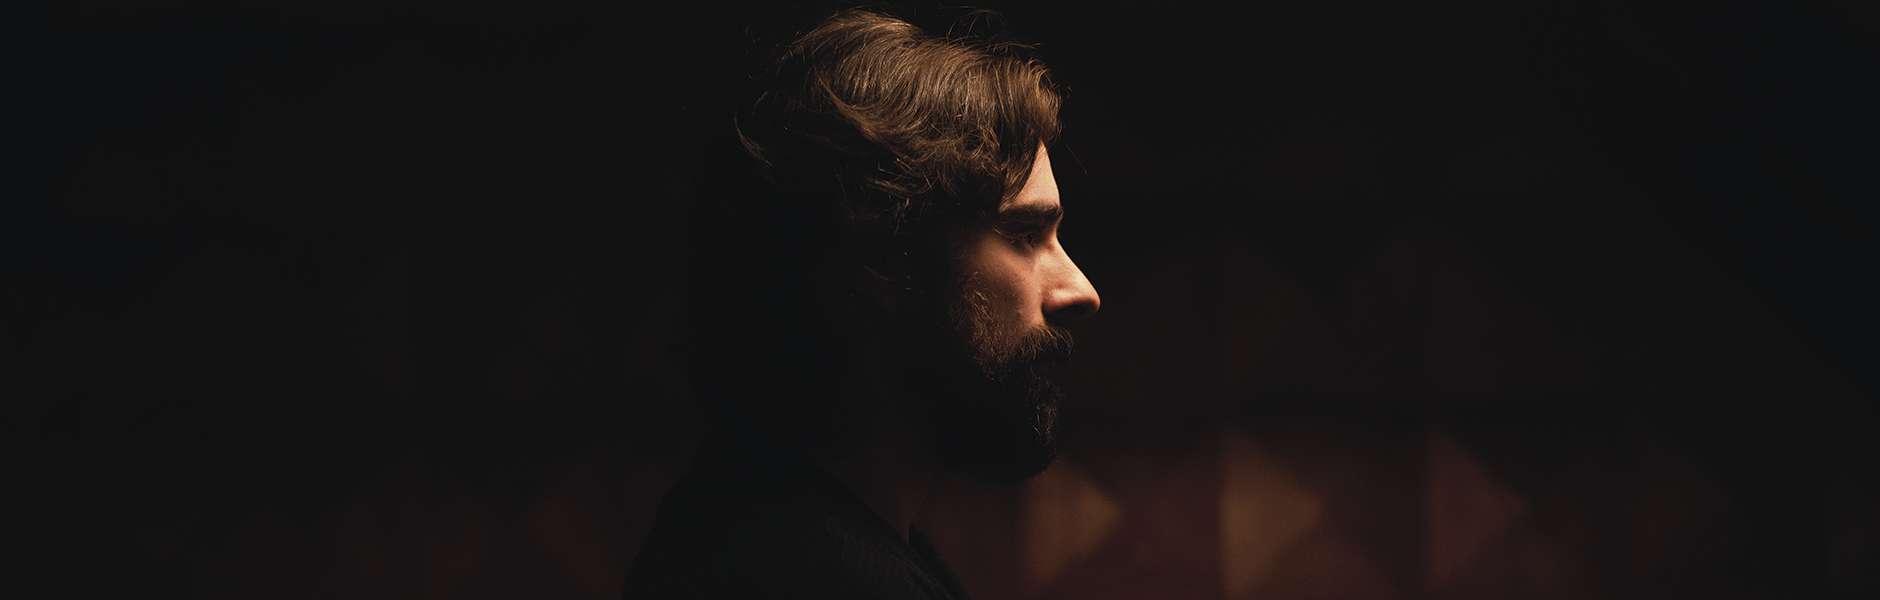 A Boy With A Beard